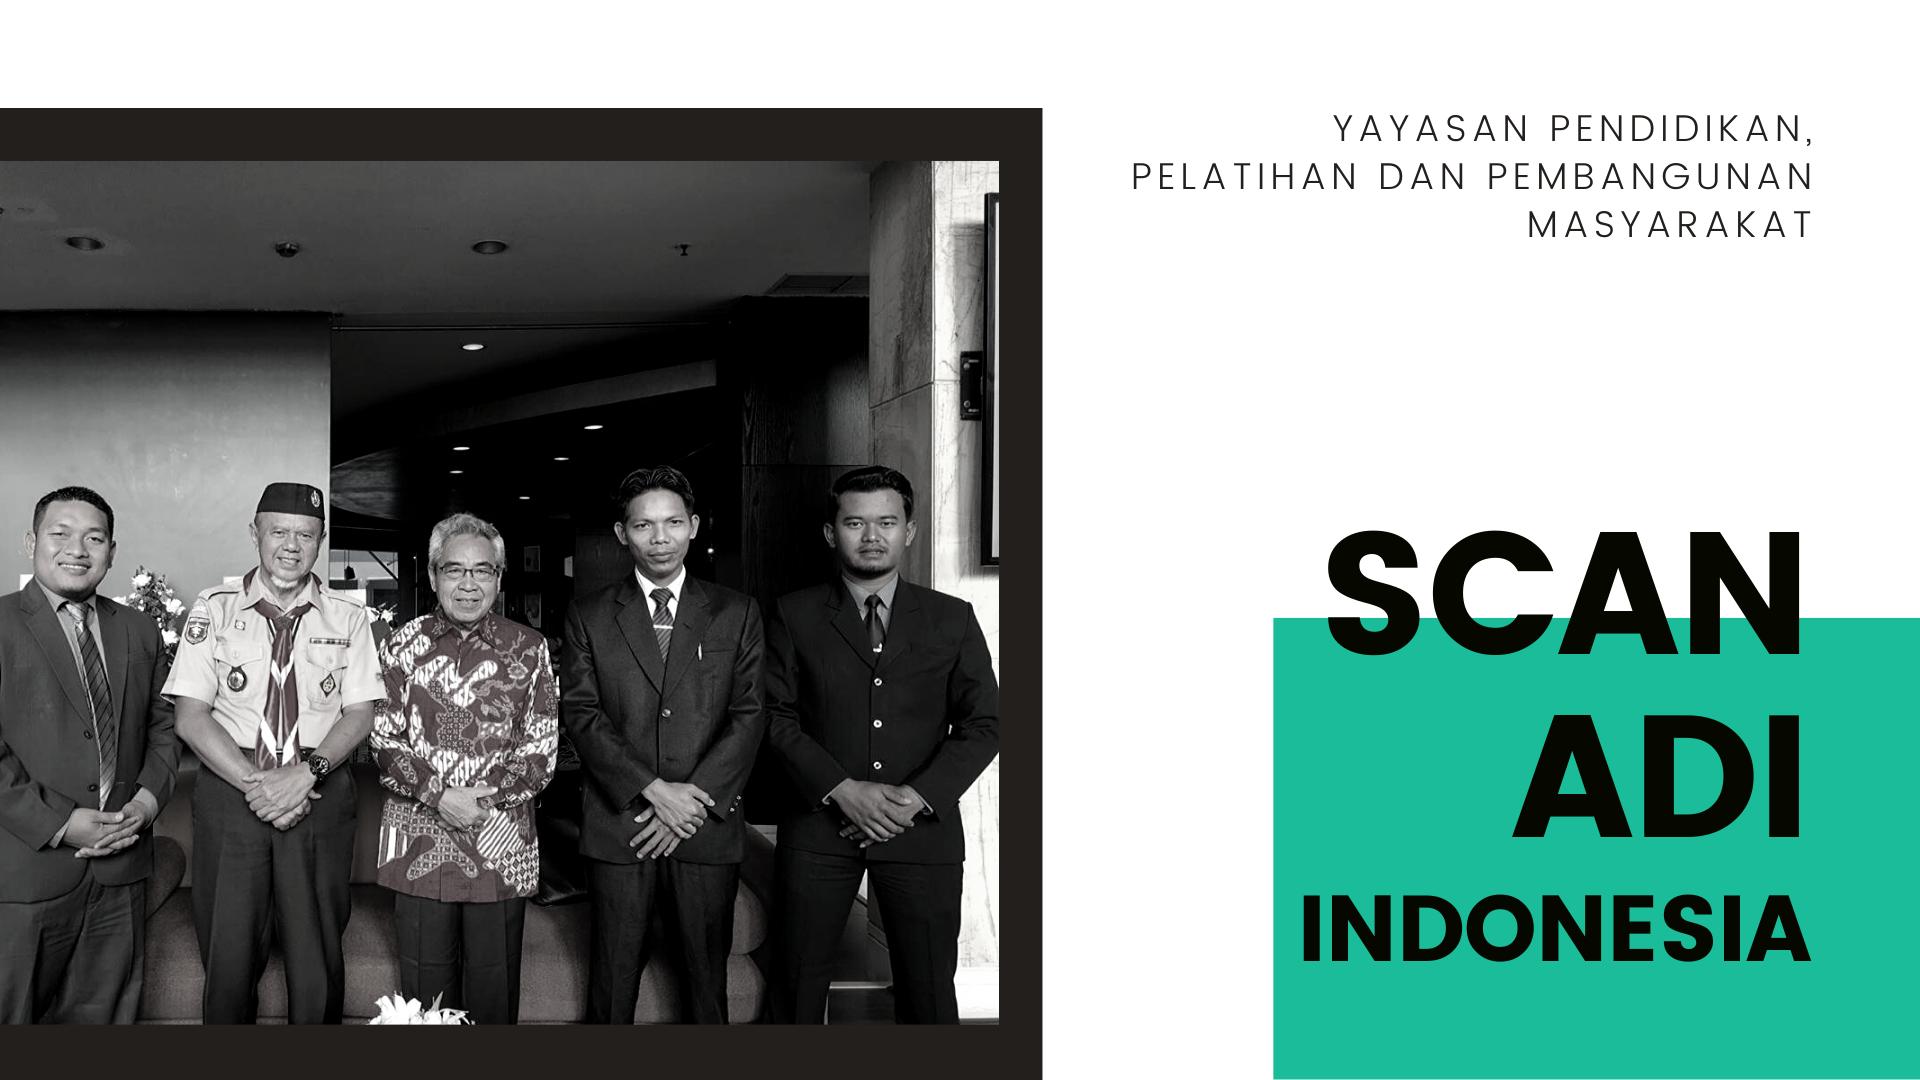 SCAN ADI INDONESIA